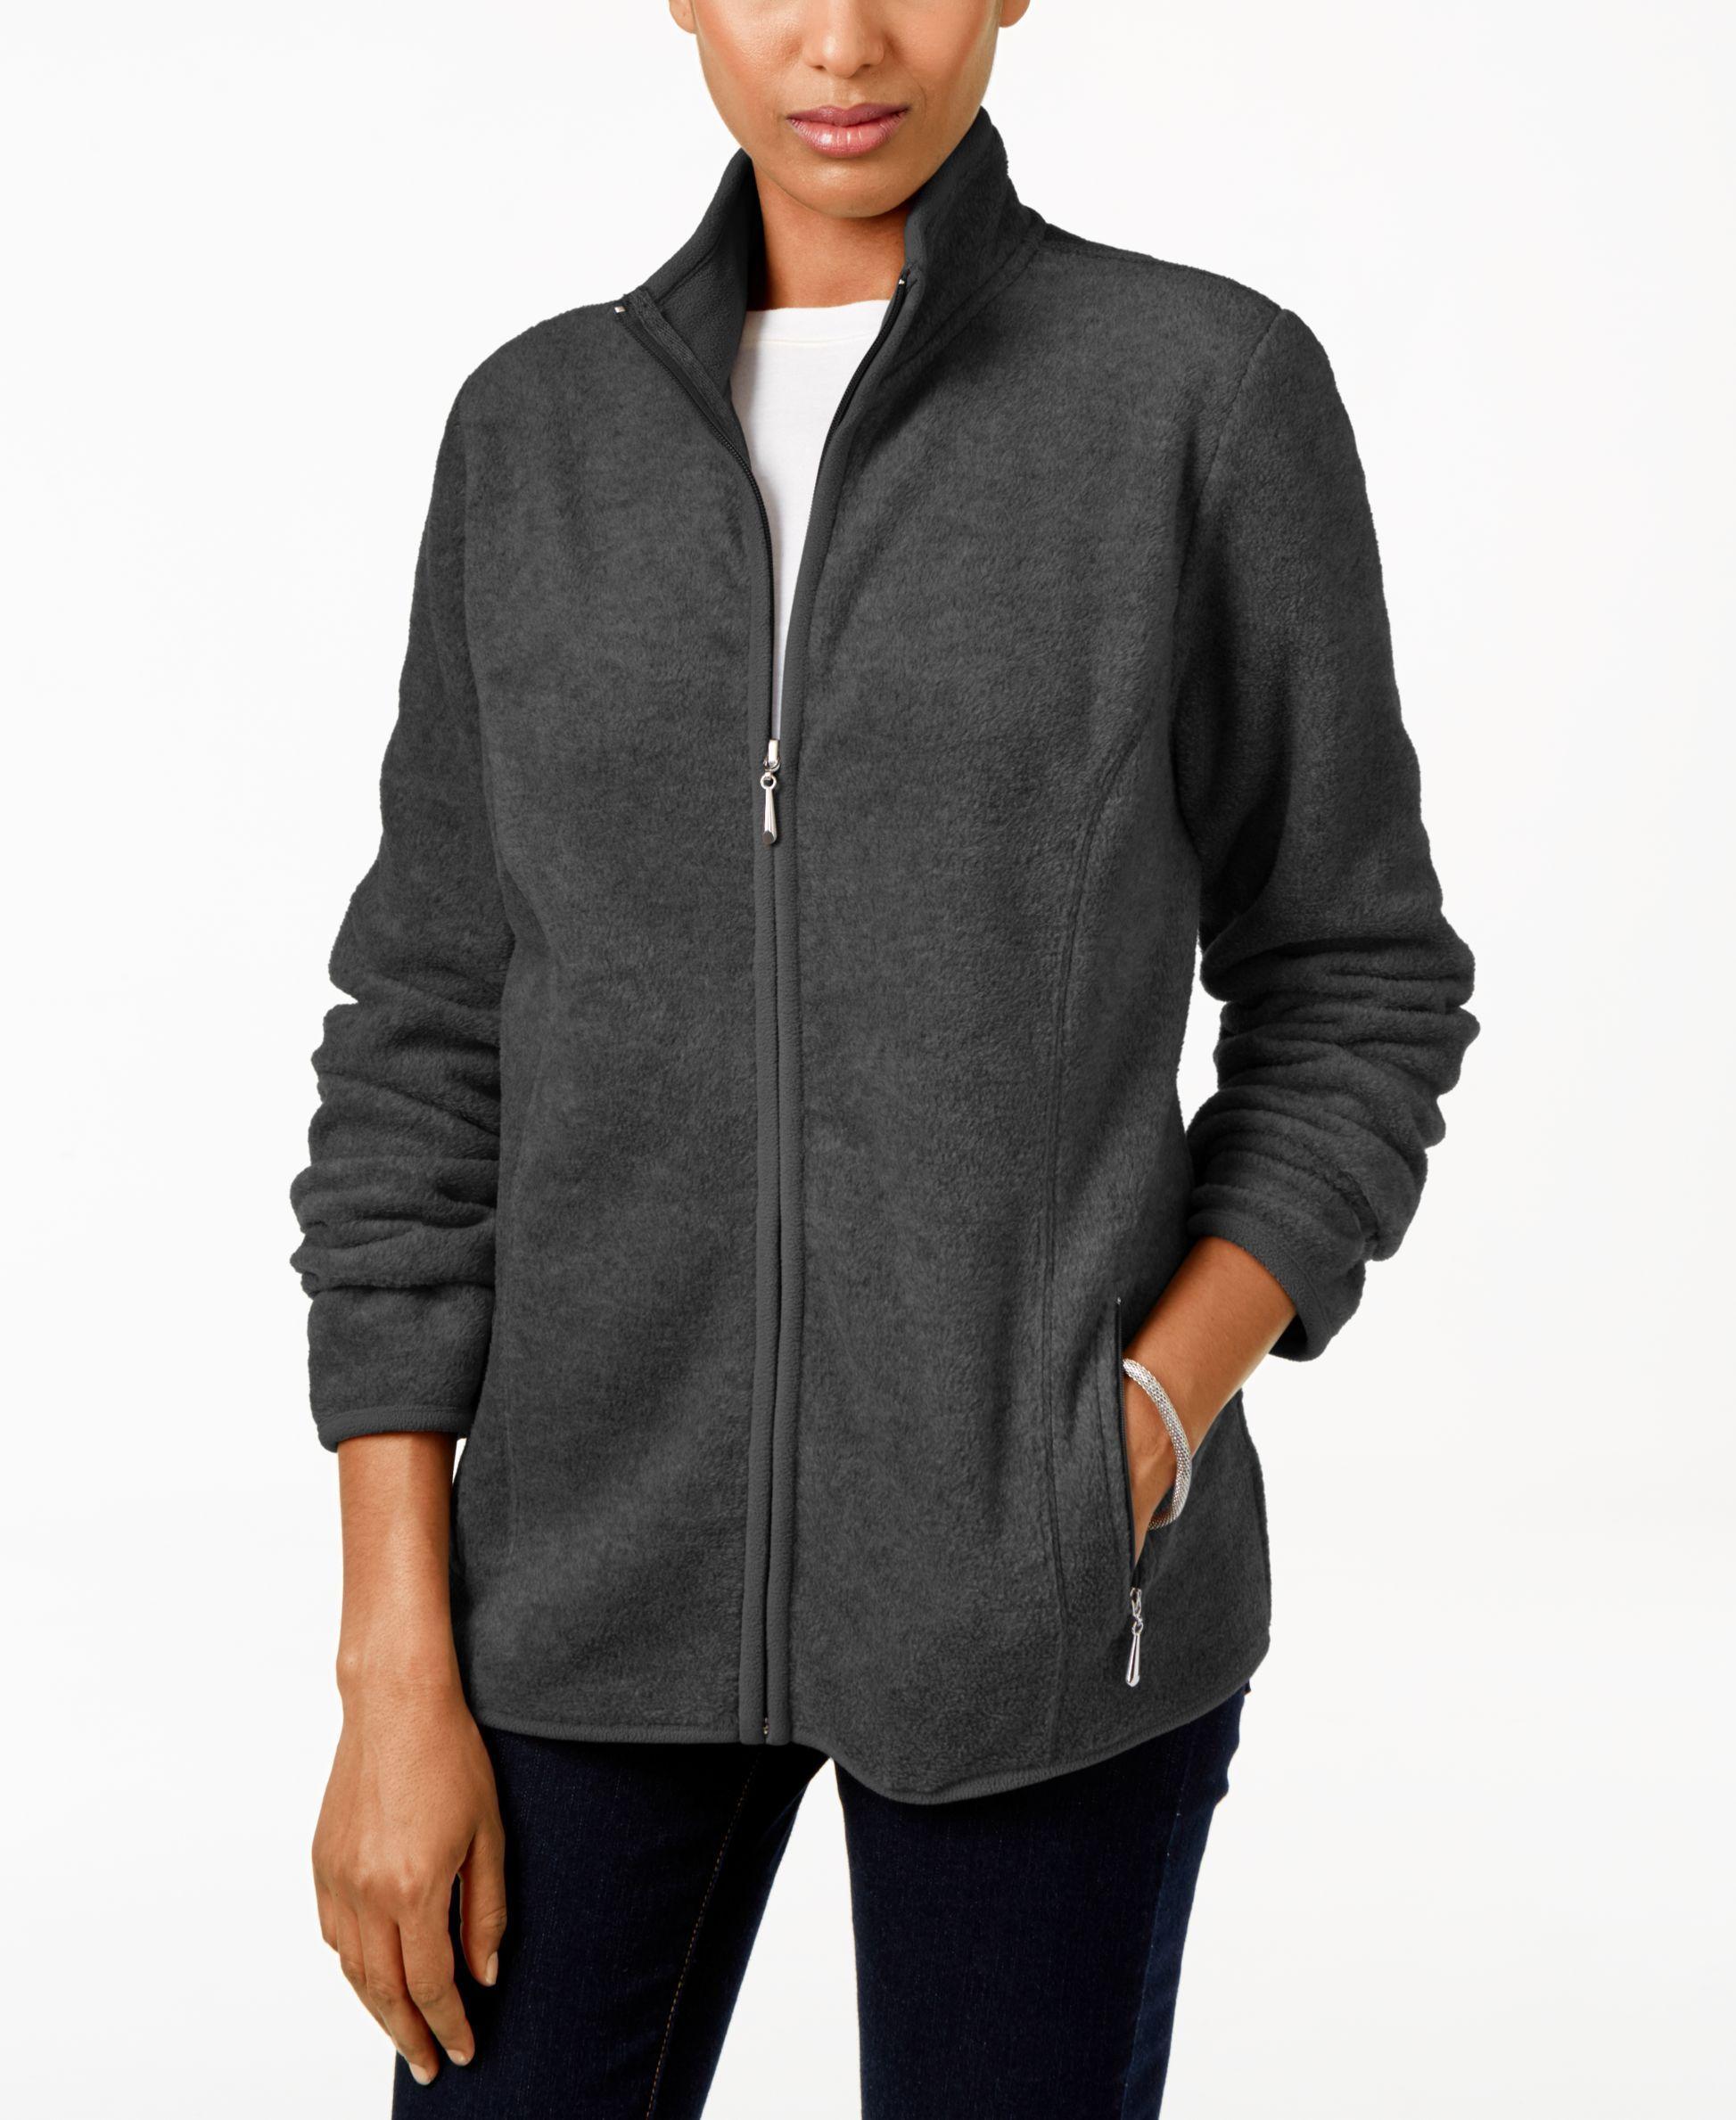 Karen Scott Petite Zip Up Fleece Jacket Only At Macy S Fleece Jacket Blazer Jackets For Women Jackets [ 2378 x 1947 Pixel ]